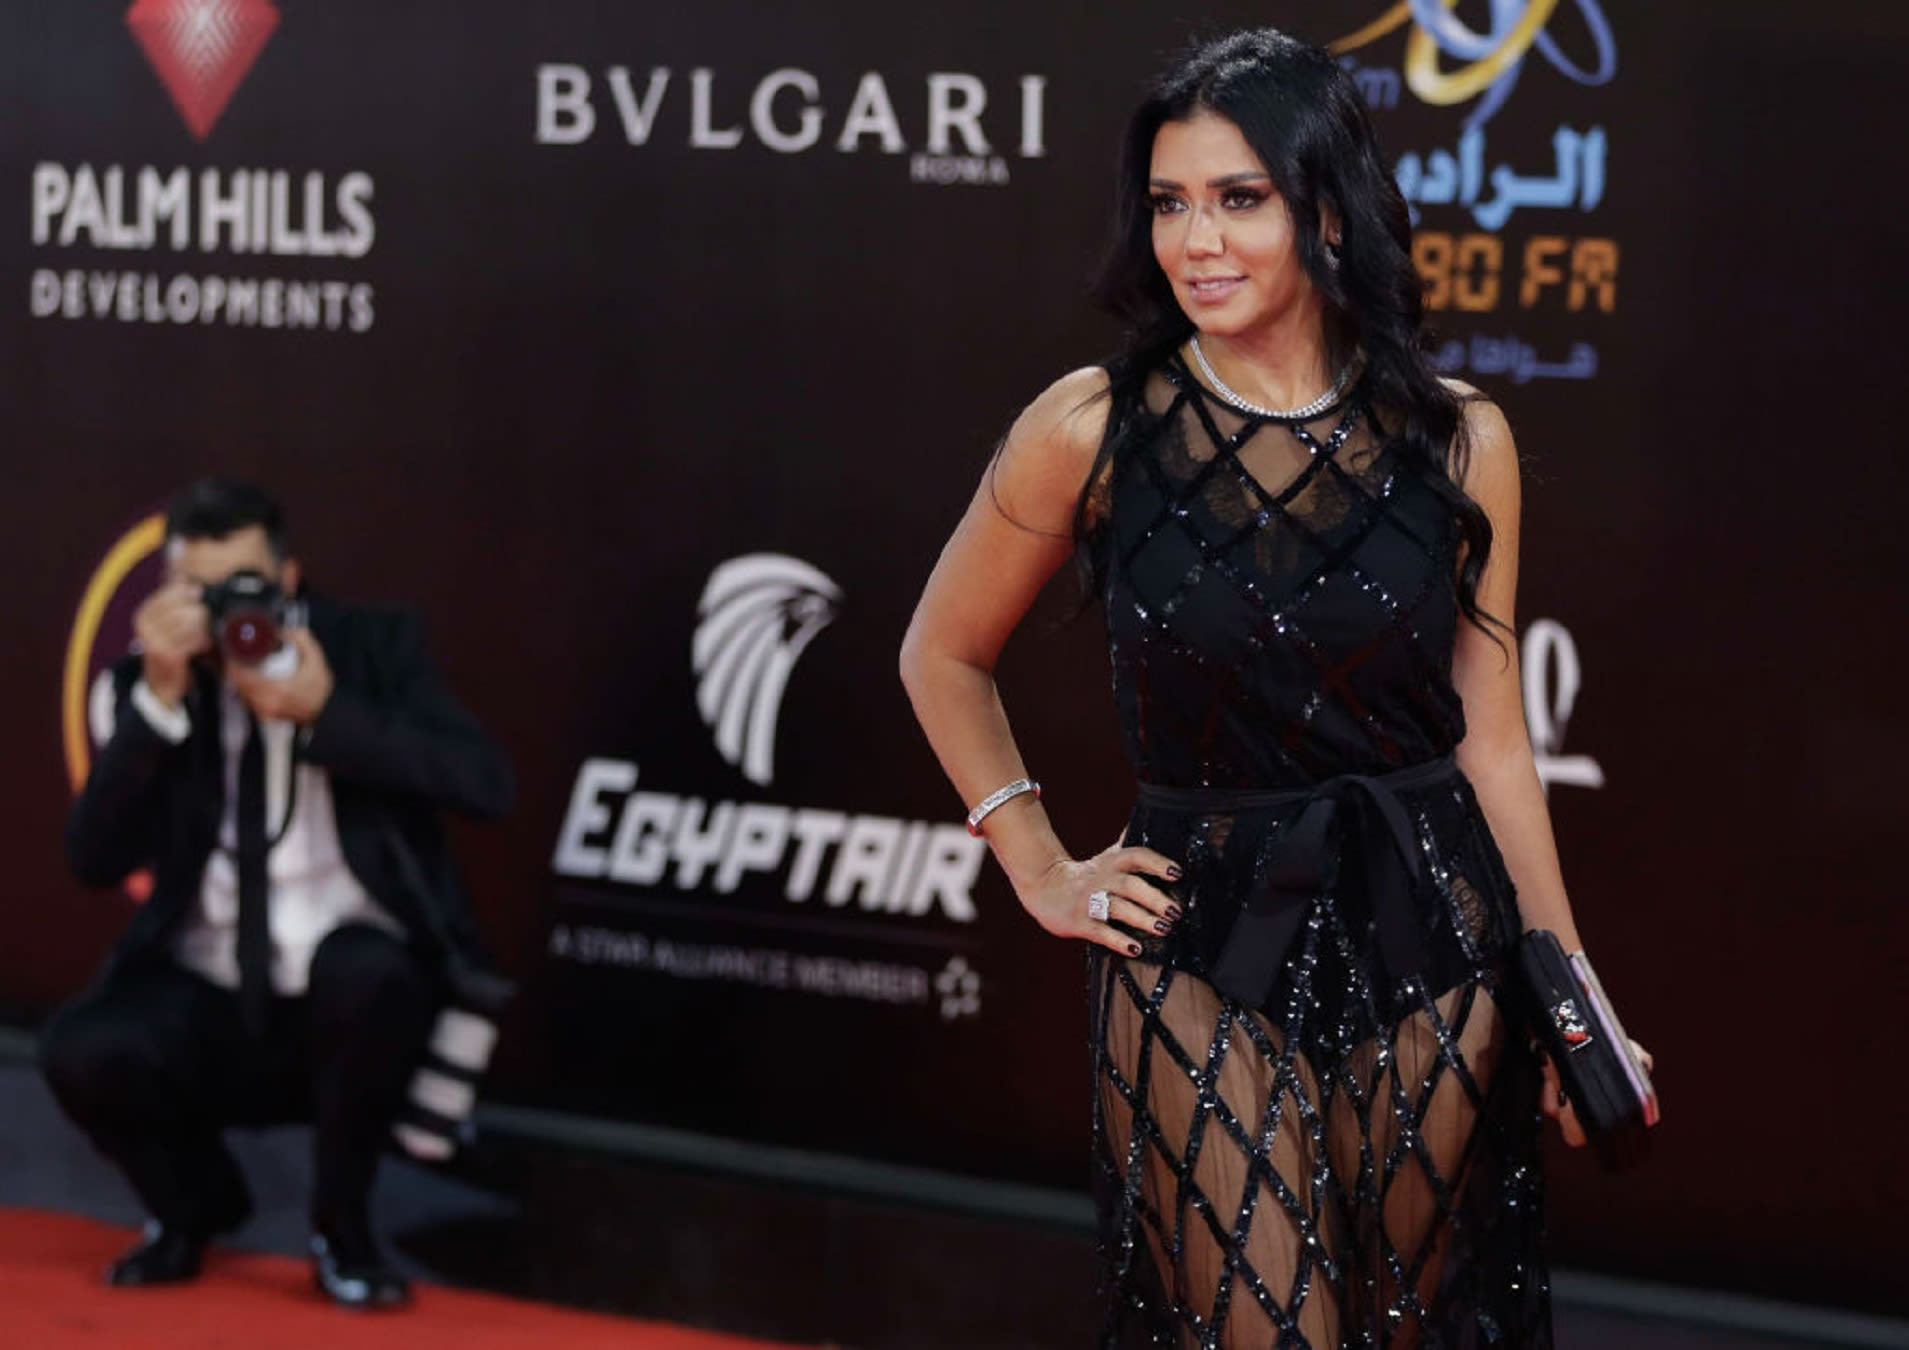 رانيا يوسف بعد أزمة الفستان: لم أتوقع كل ما حدث